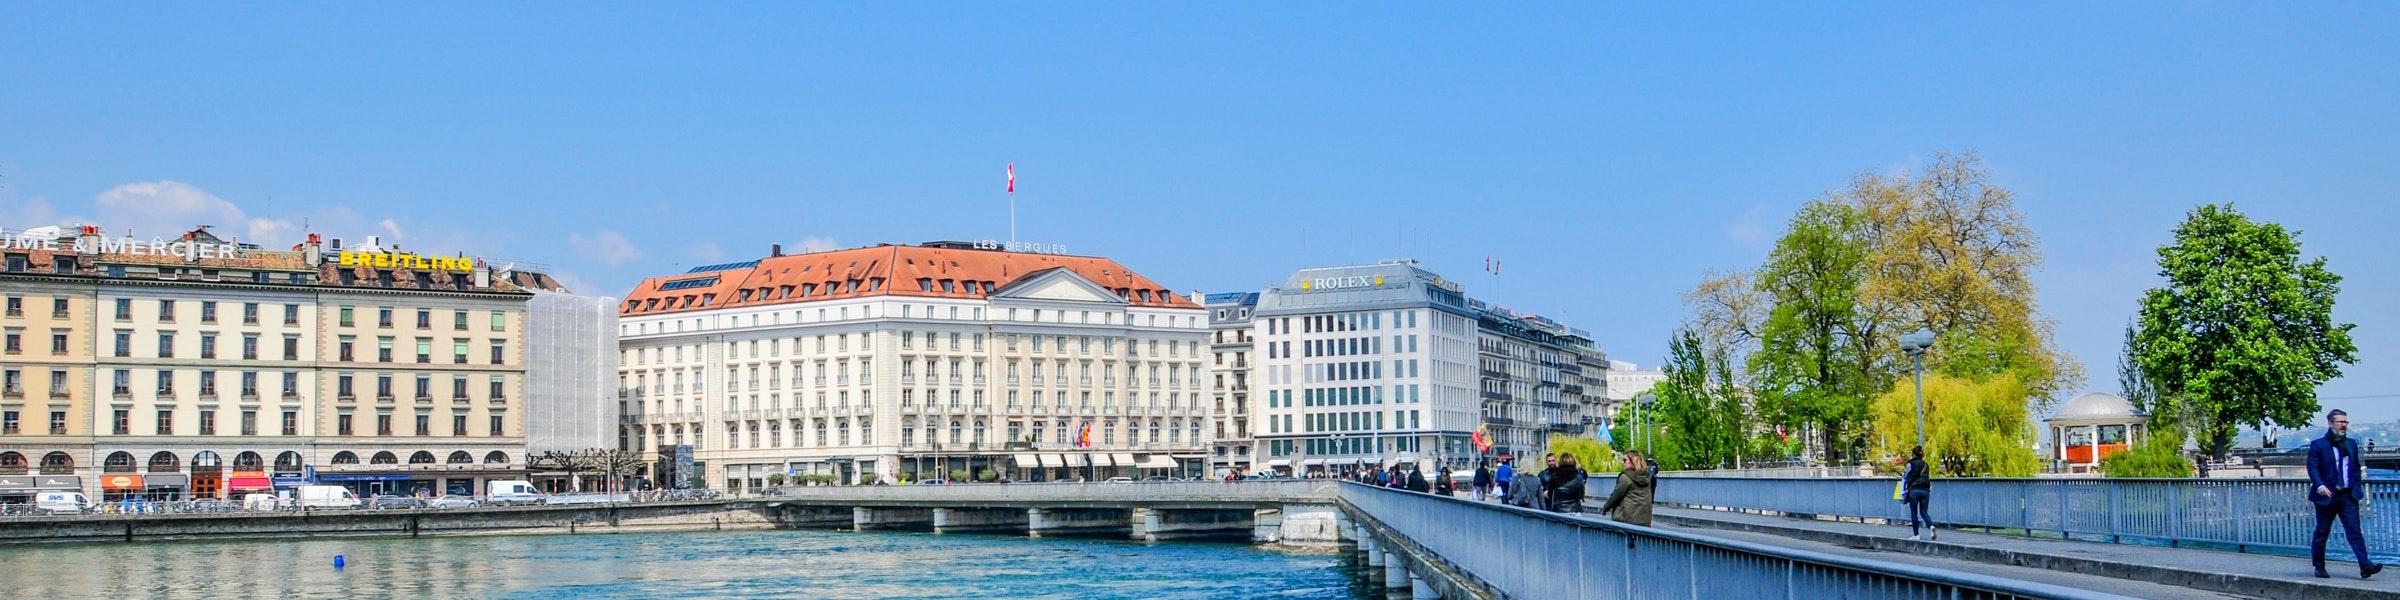 Pont des Bergues in Genève